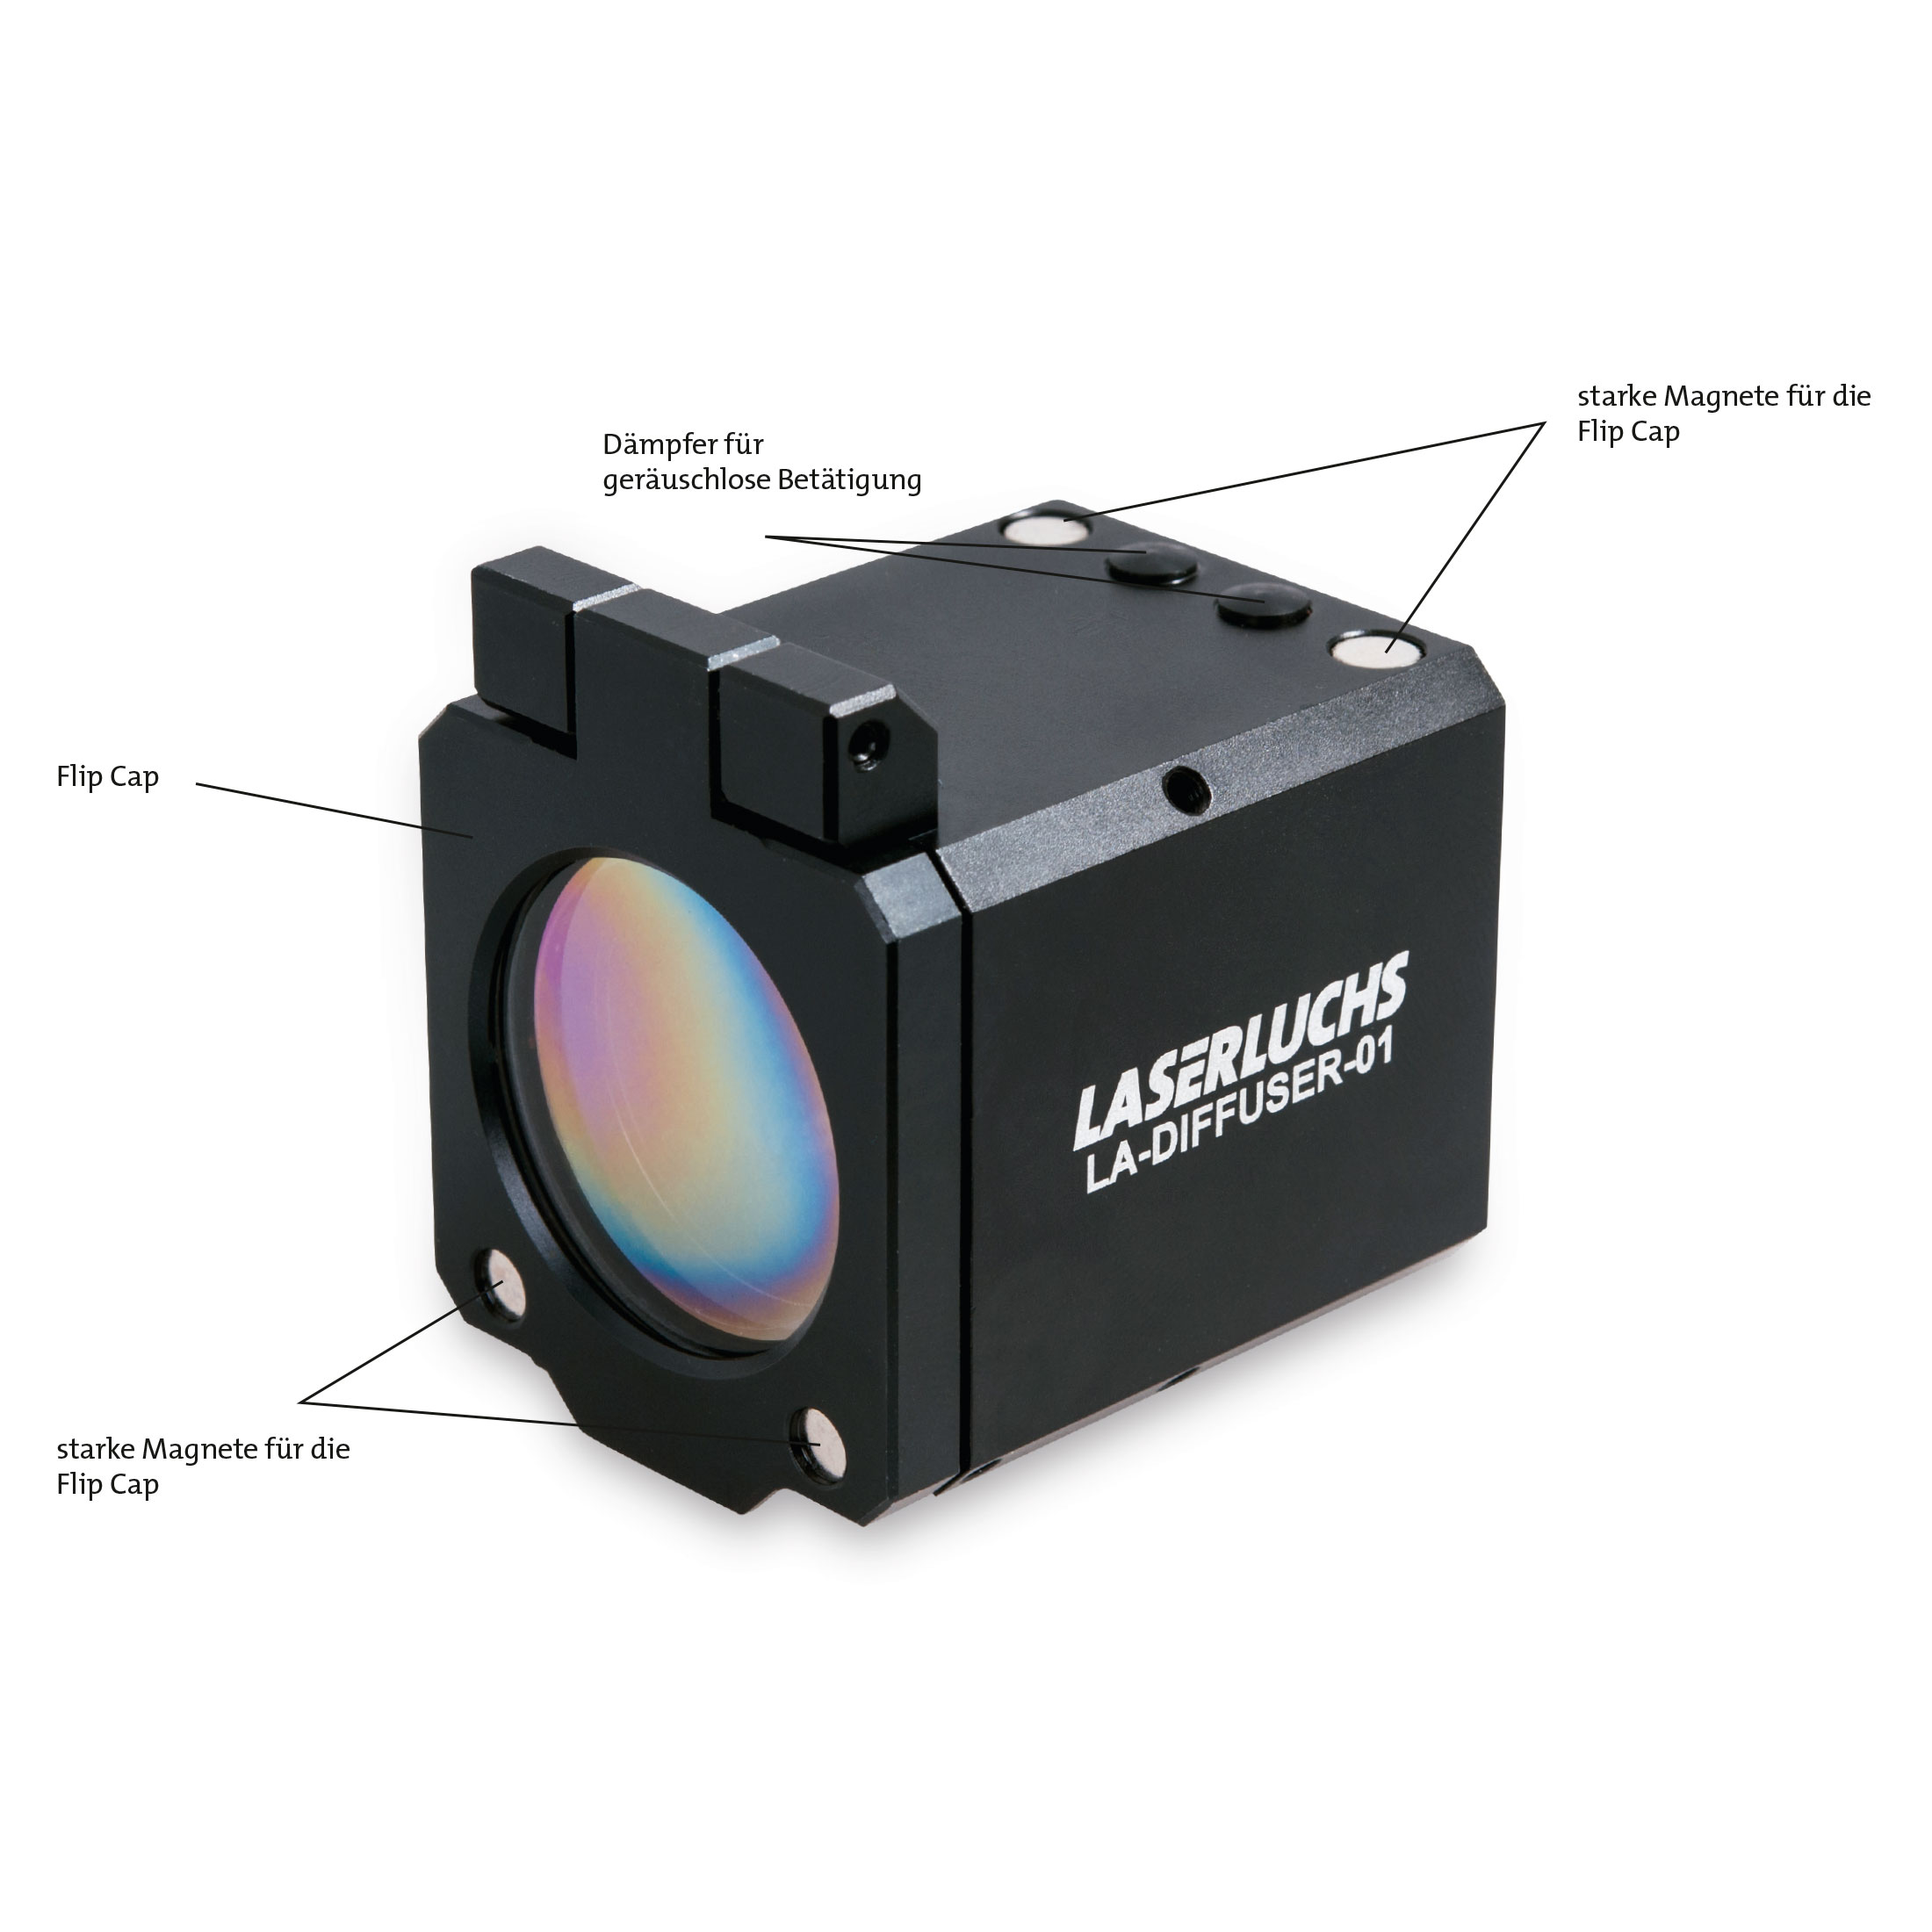 Laserluchs Linsen Tactical LA-DIFFUSER-01